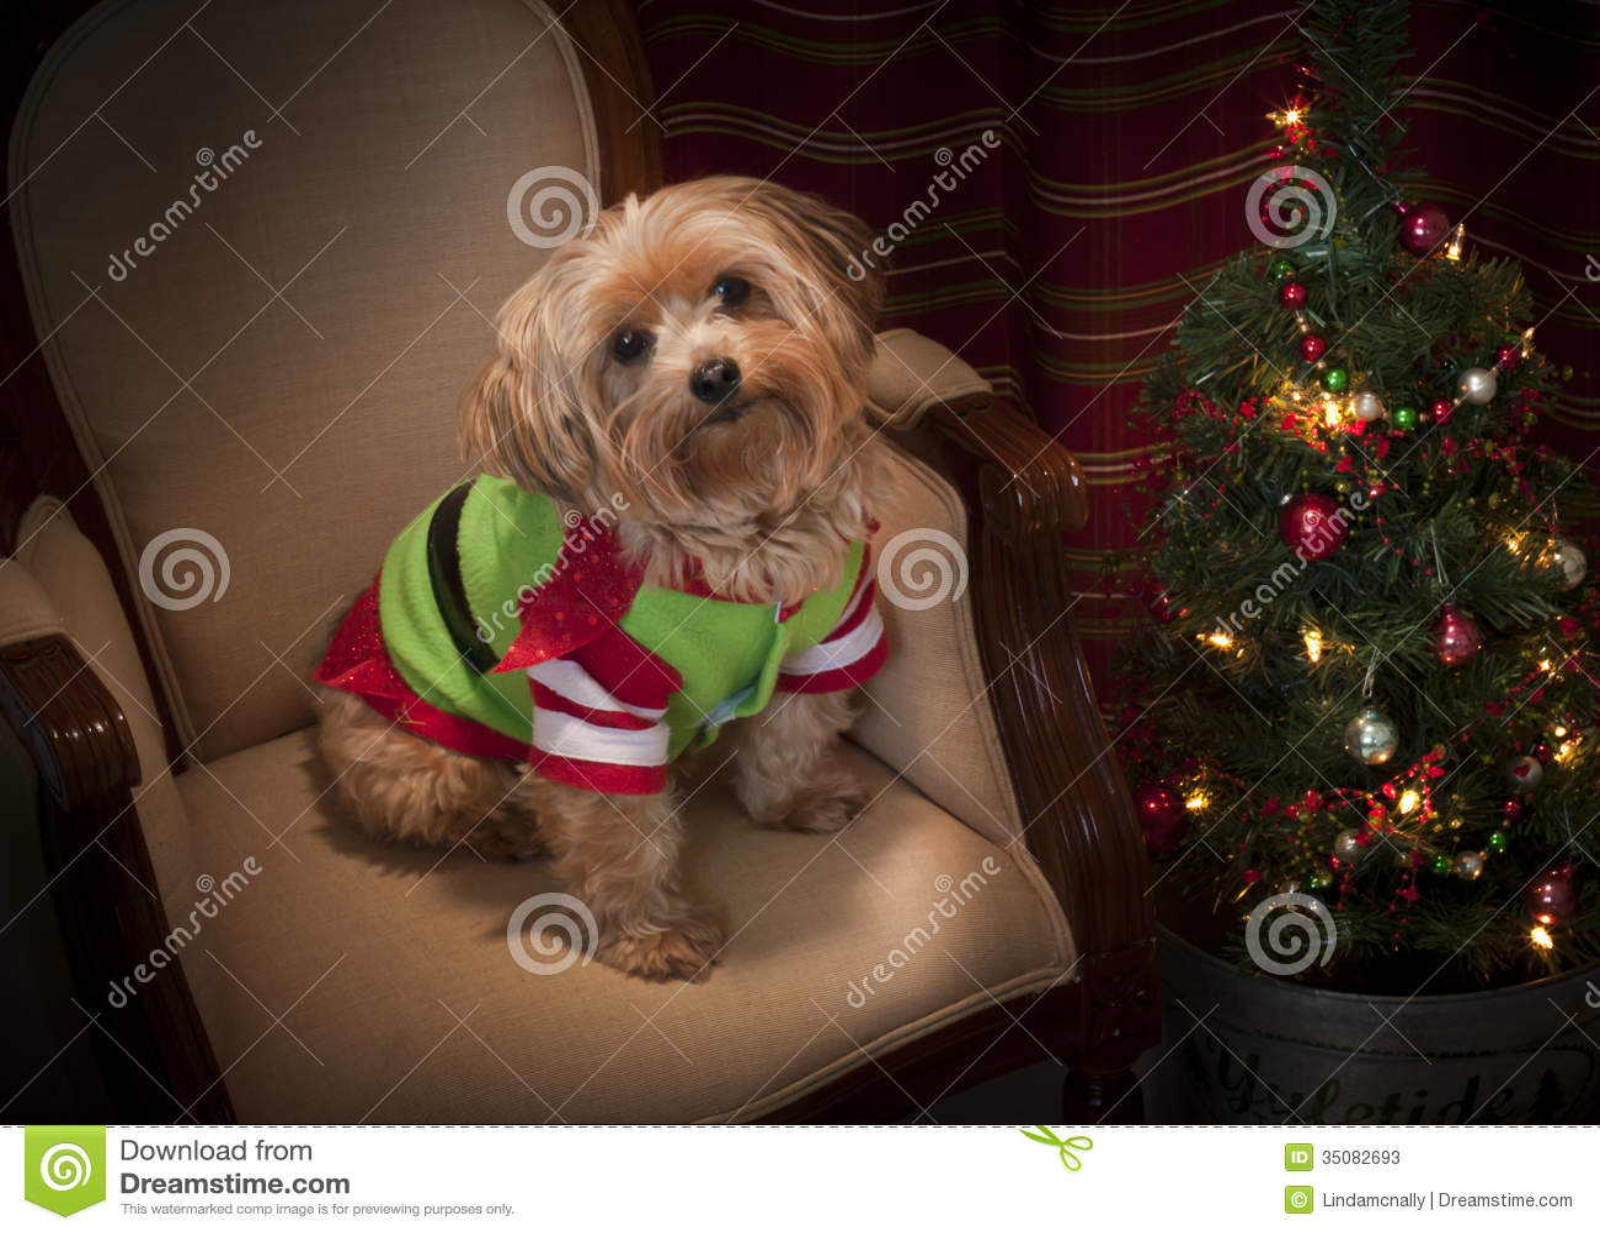 Yorkie Christmas Tree